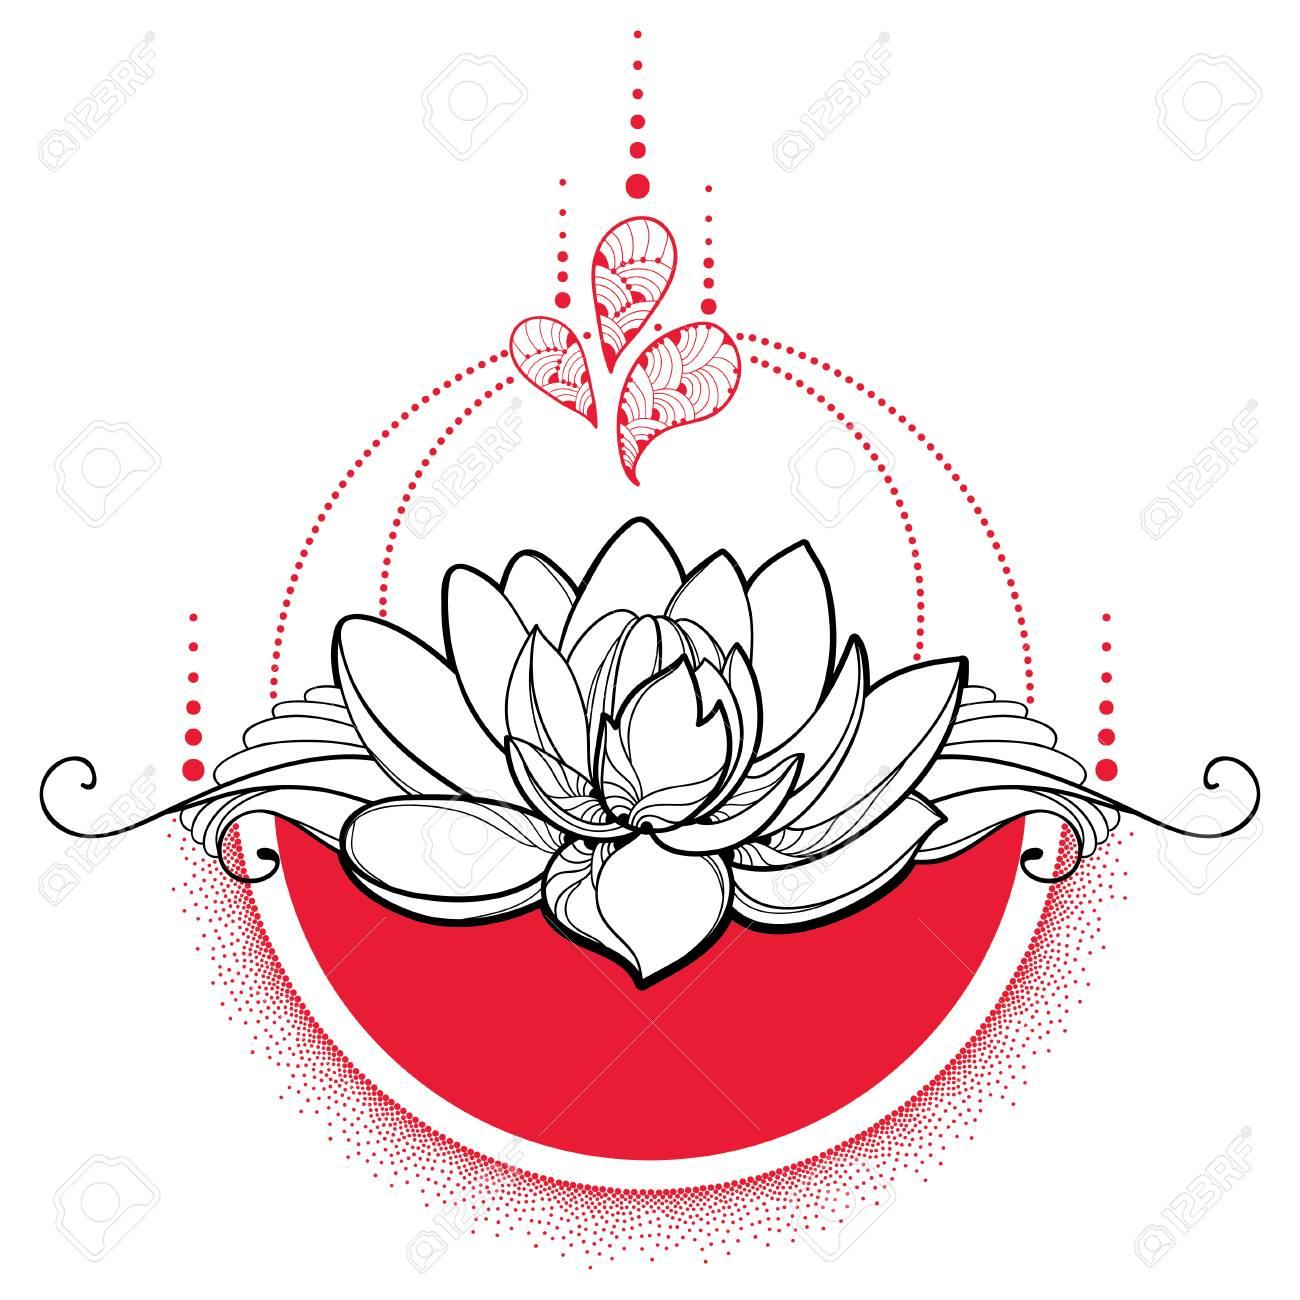 Dessin Avec Contour Noir Fleur De Lotus Points Rouges Et Tourbillons Isolés Sur Fond Blanc Composition Ronde Florale Avec Lotus Fleuri Dans Le Style